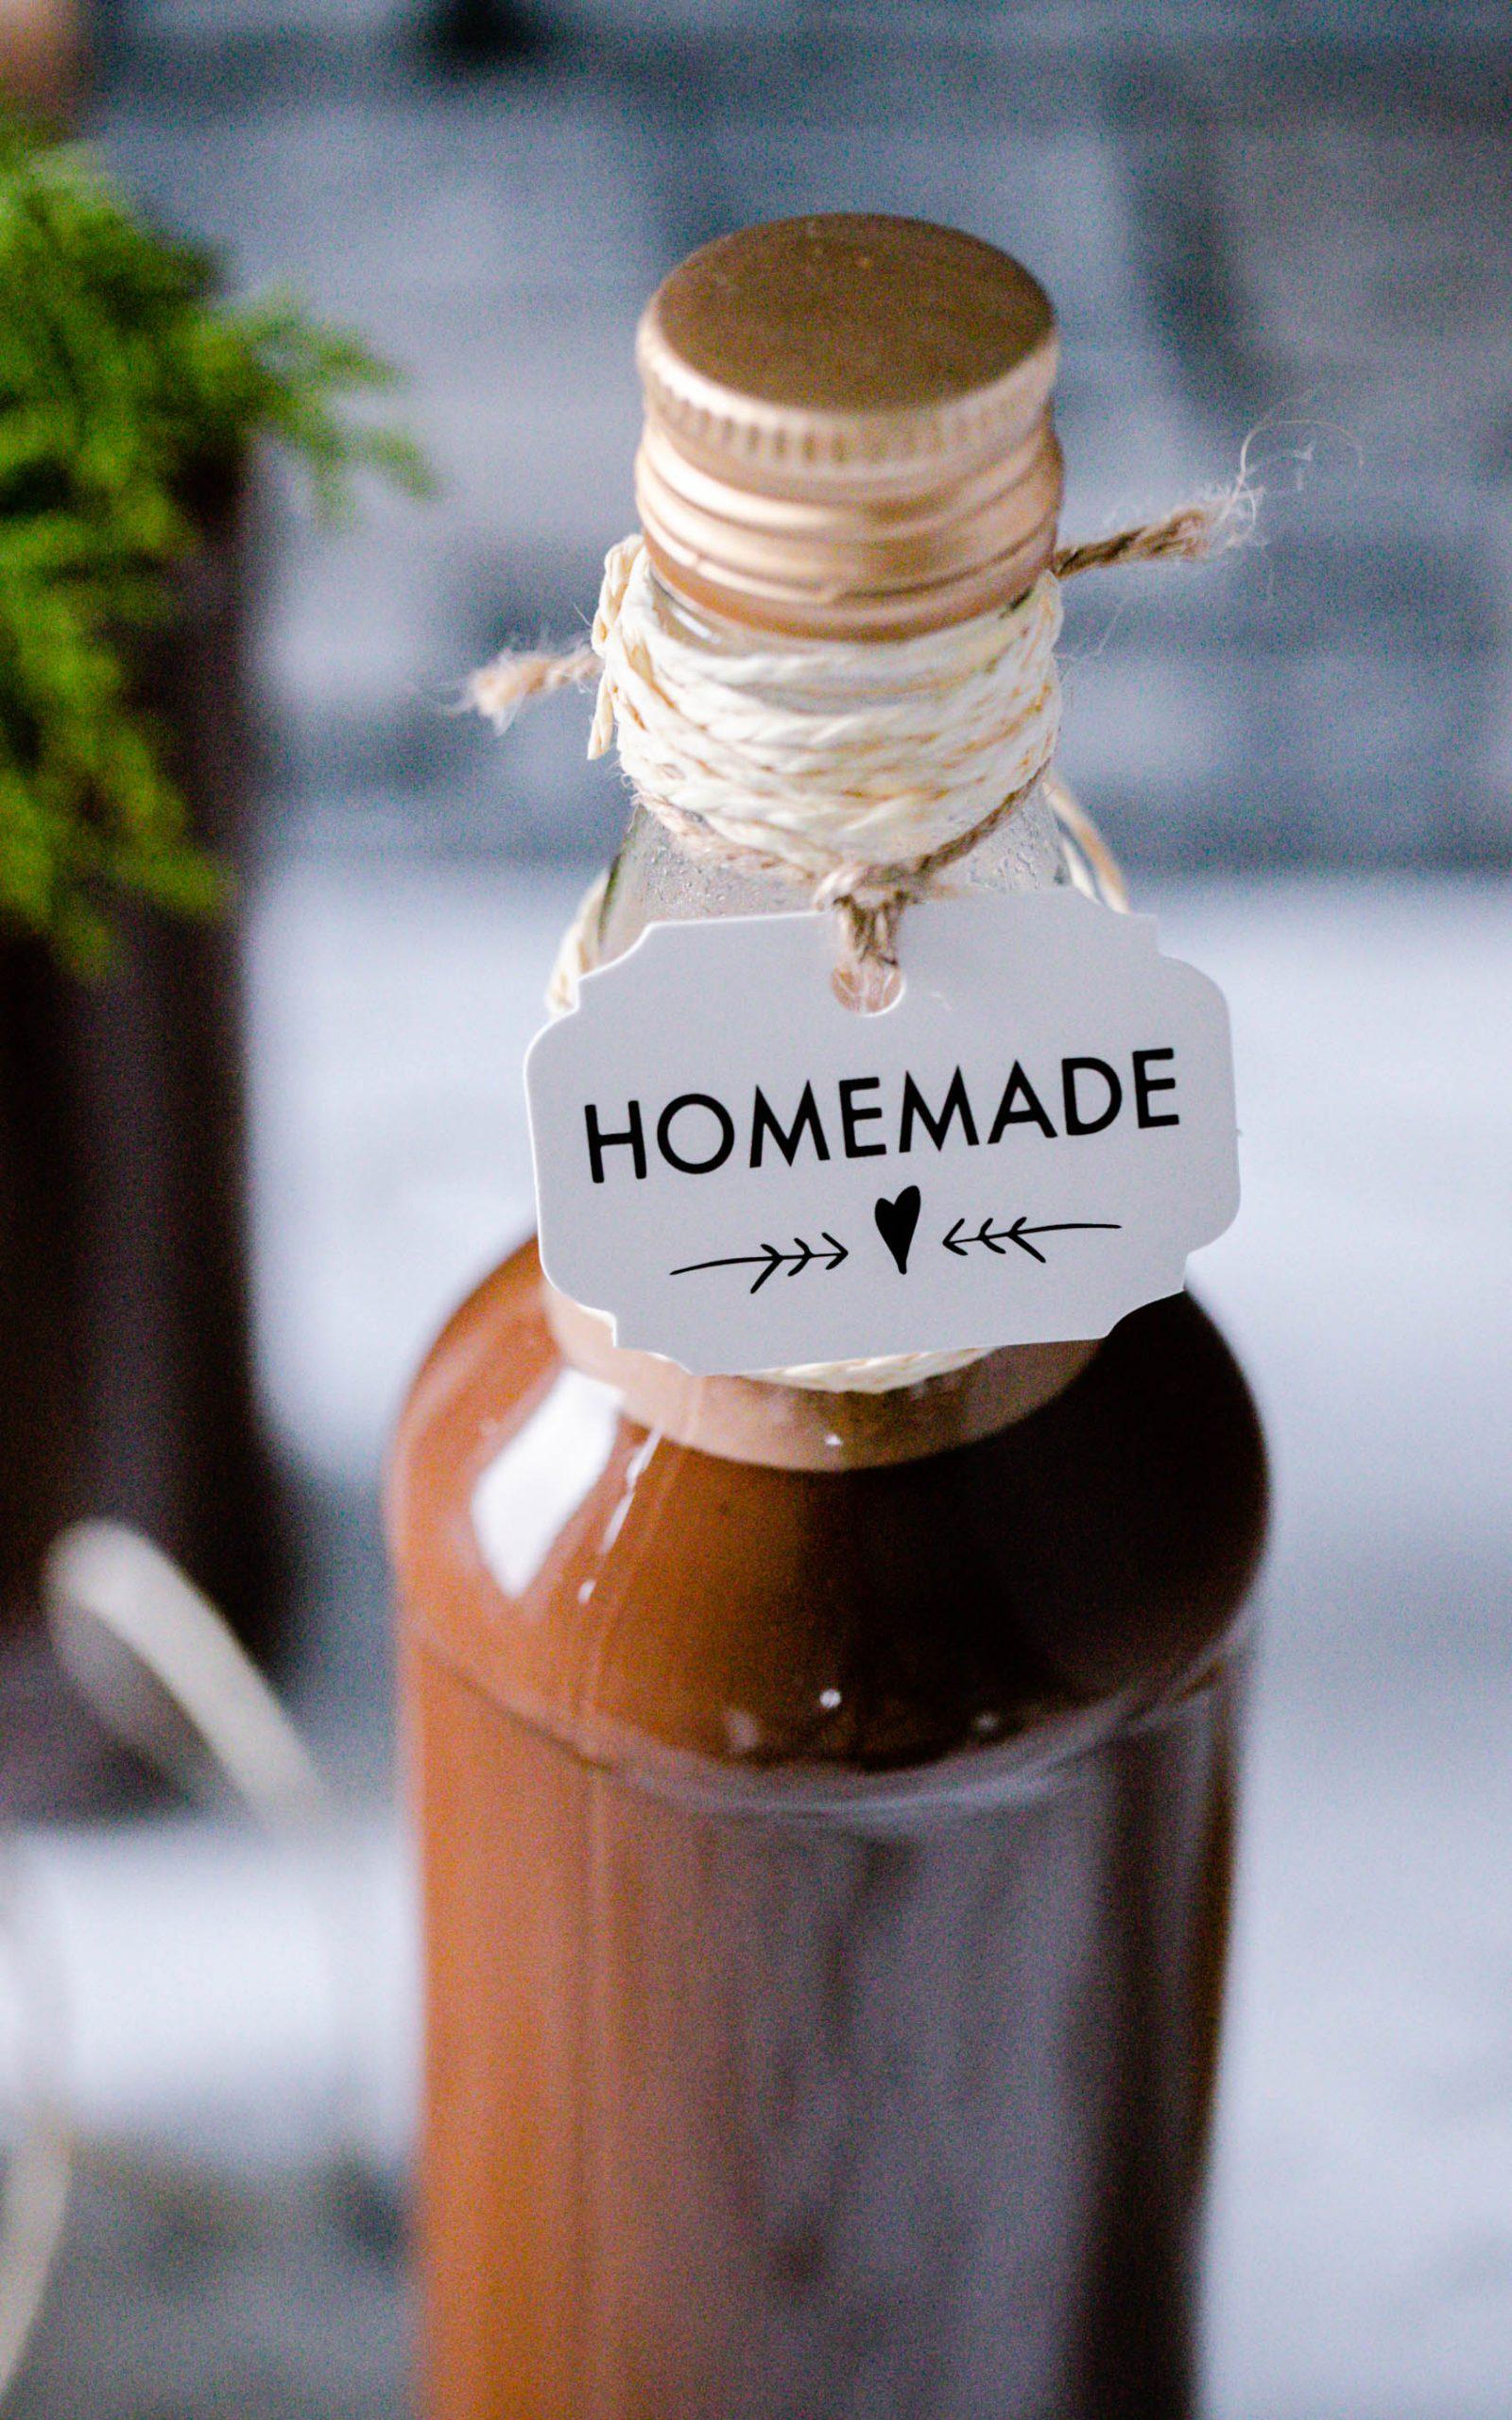 Cremiger Schokoladen-Kokos-Likör aus dem Thermomix®